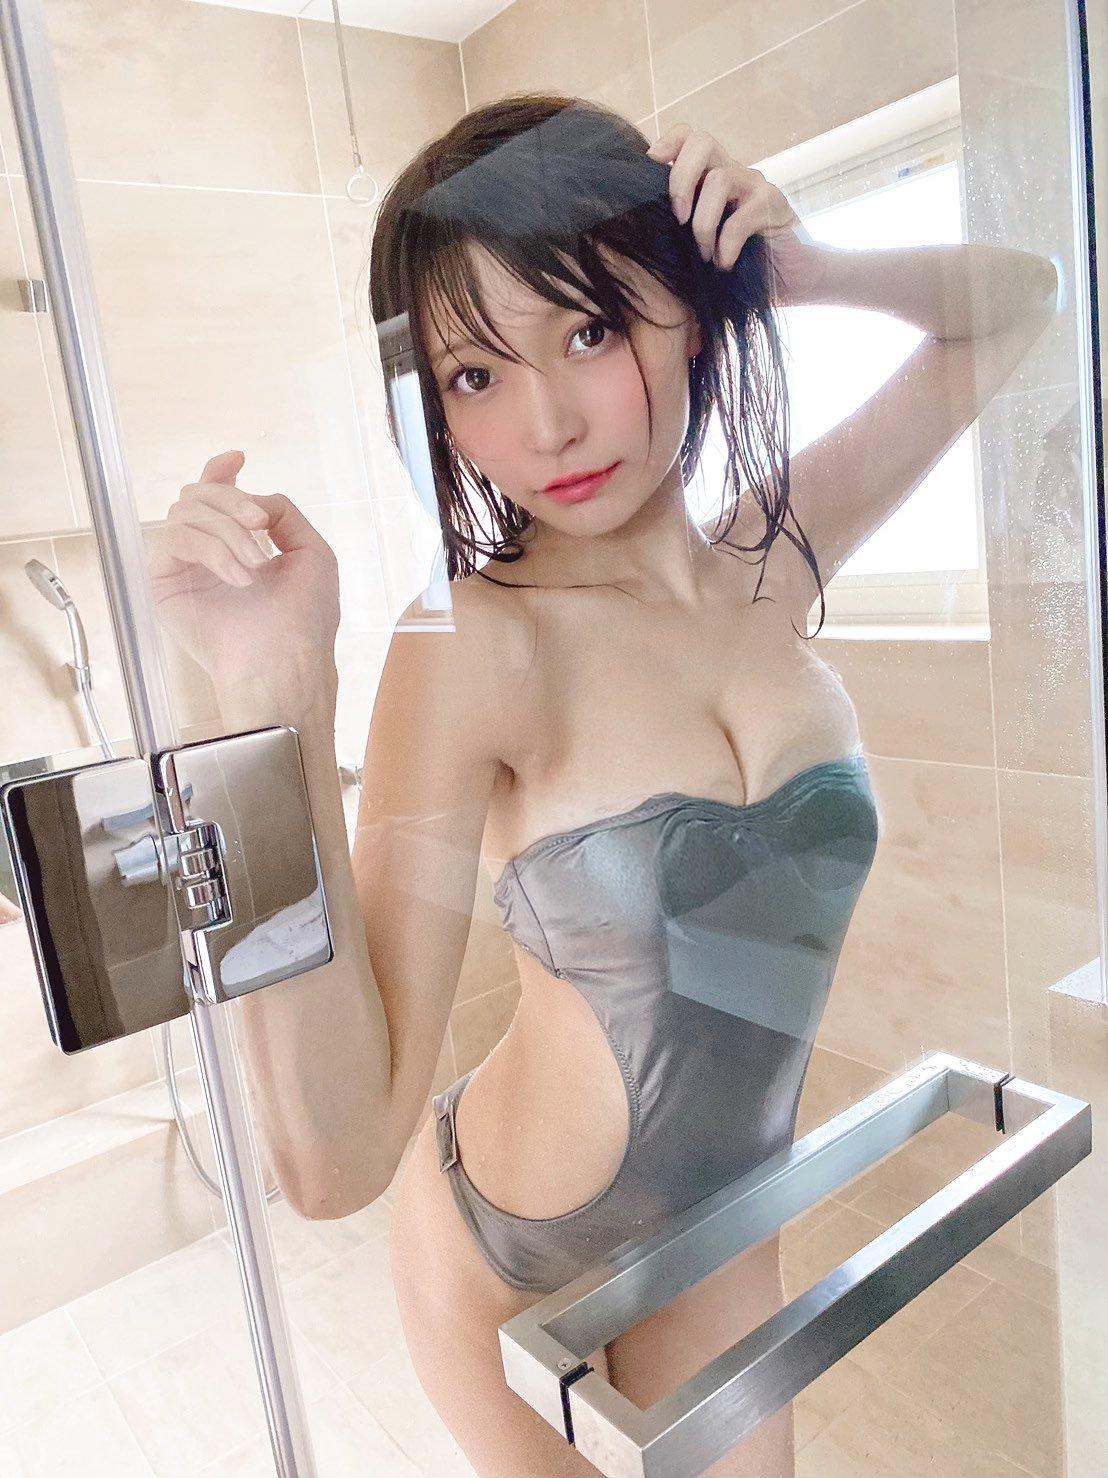 十味夏季浴衣可爱迷人 似鸟沙也加星乃云母成熟撩人